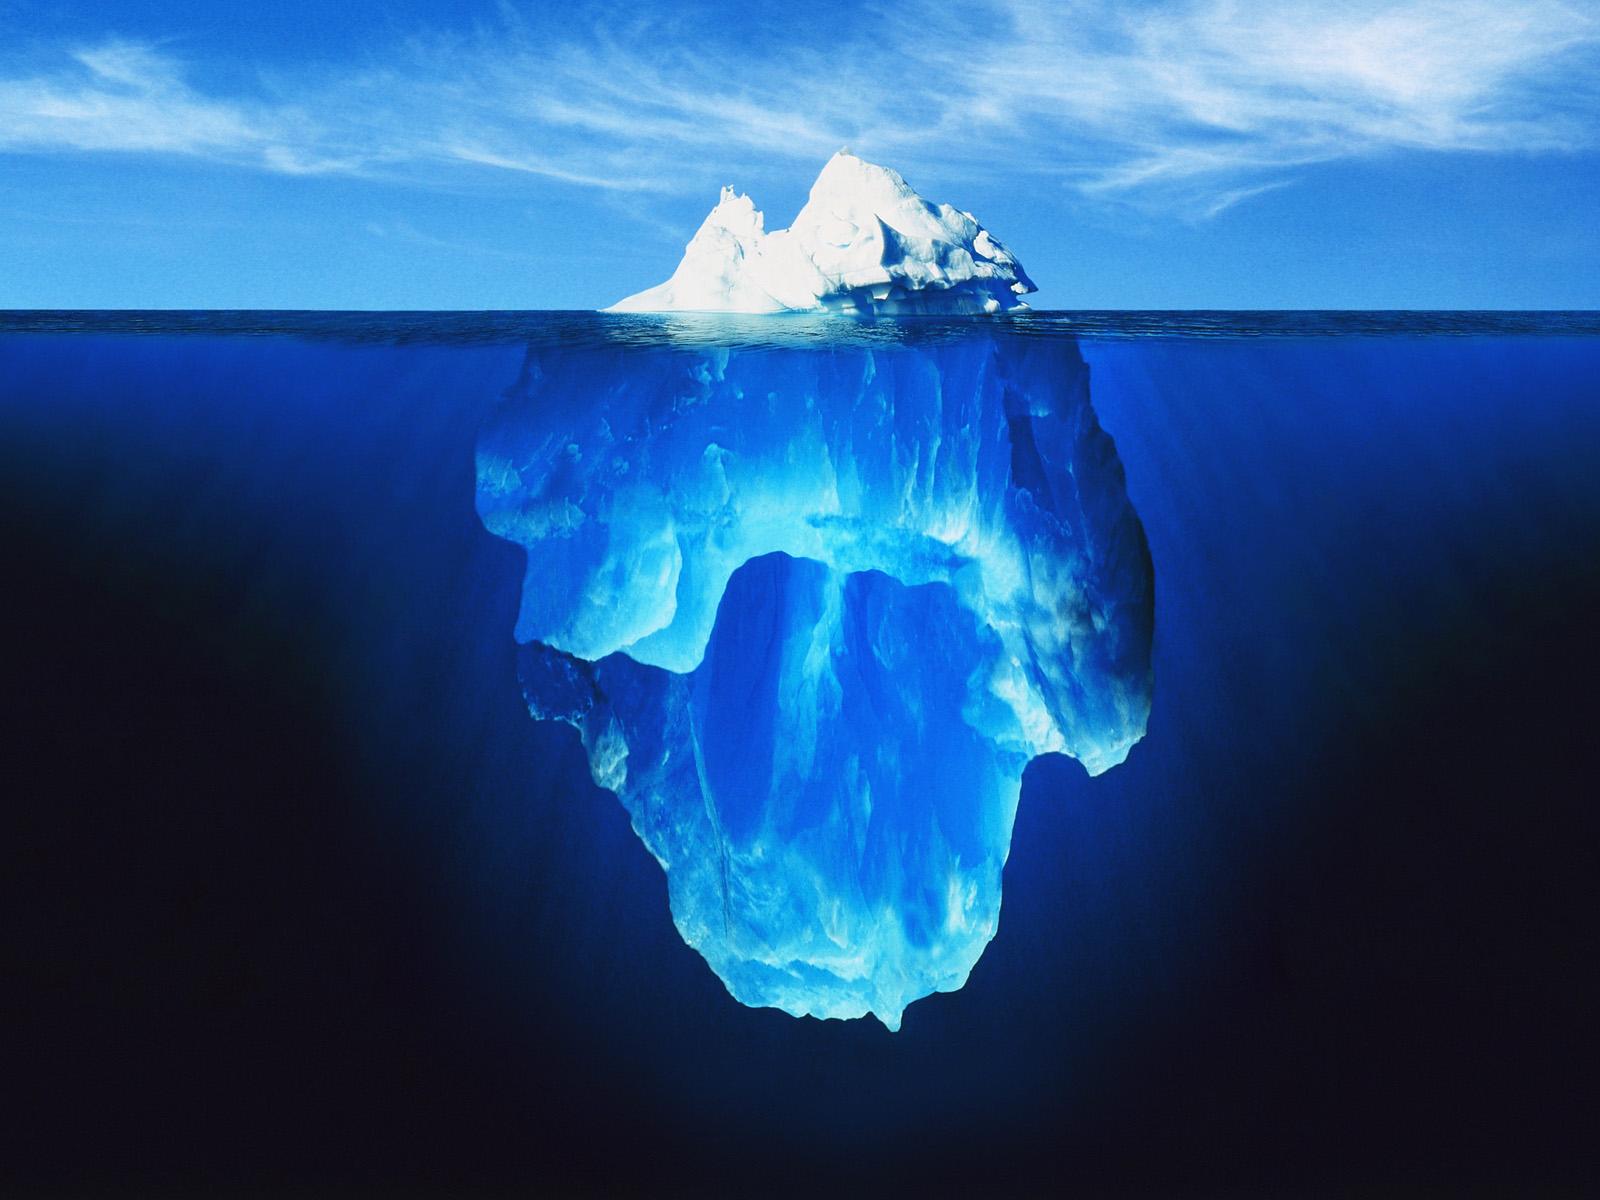 aprendizaje_iceberg